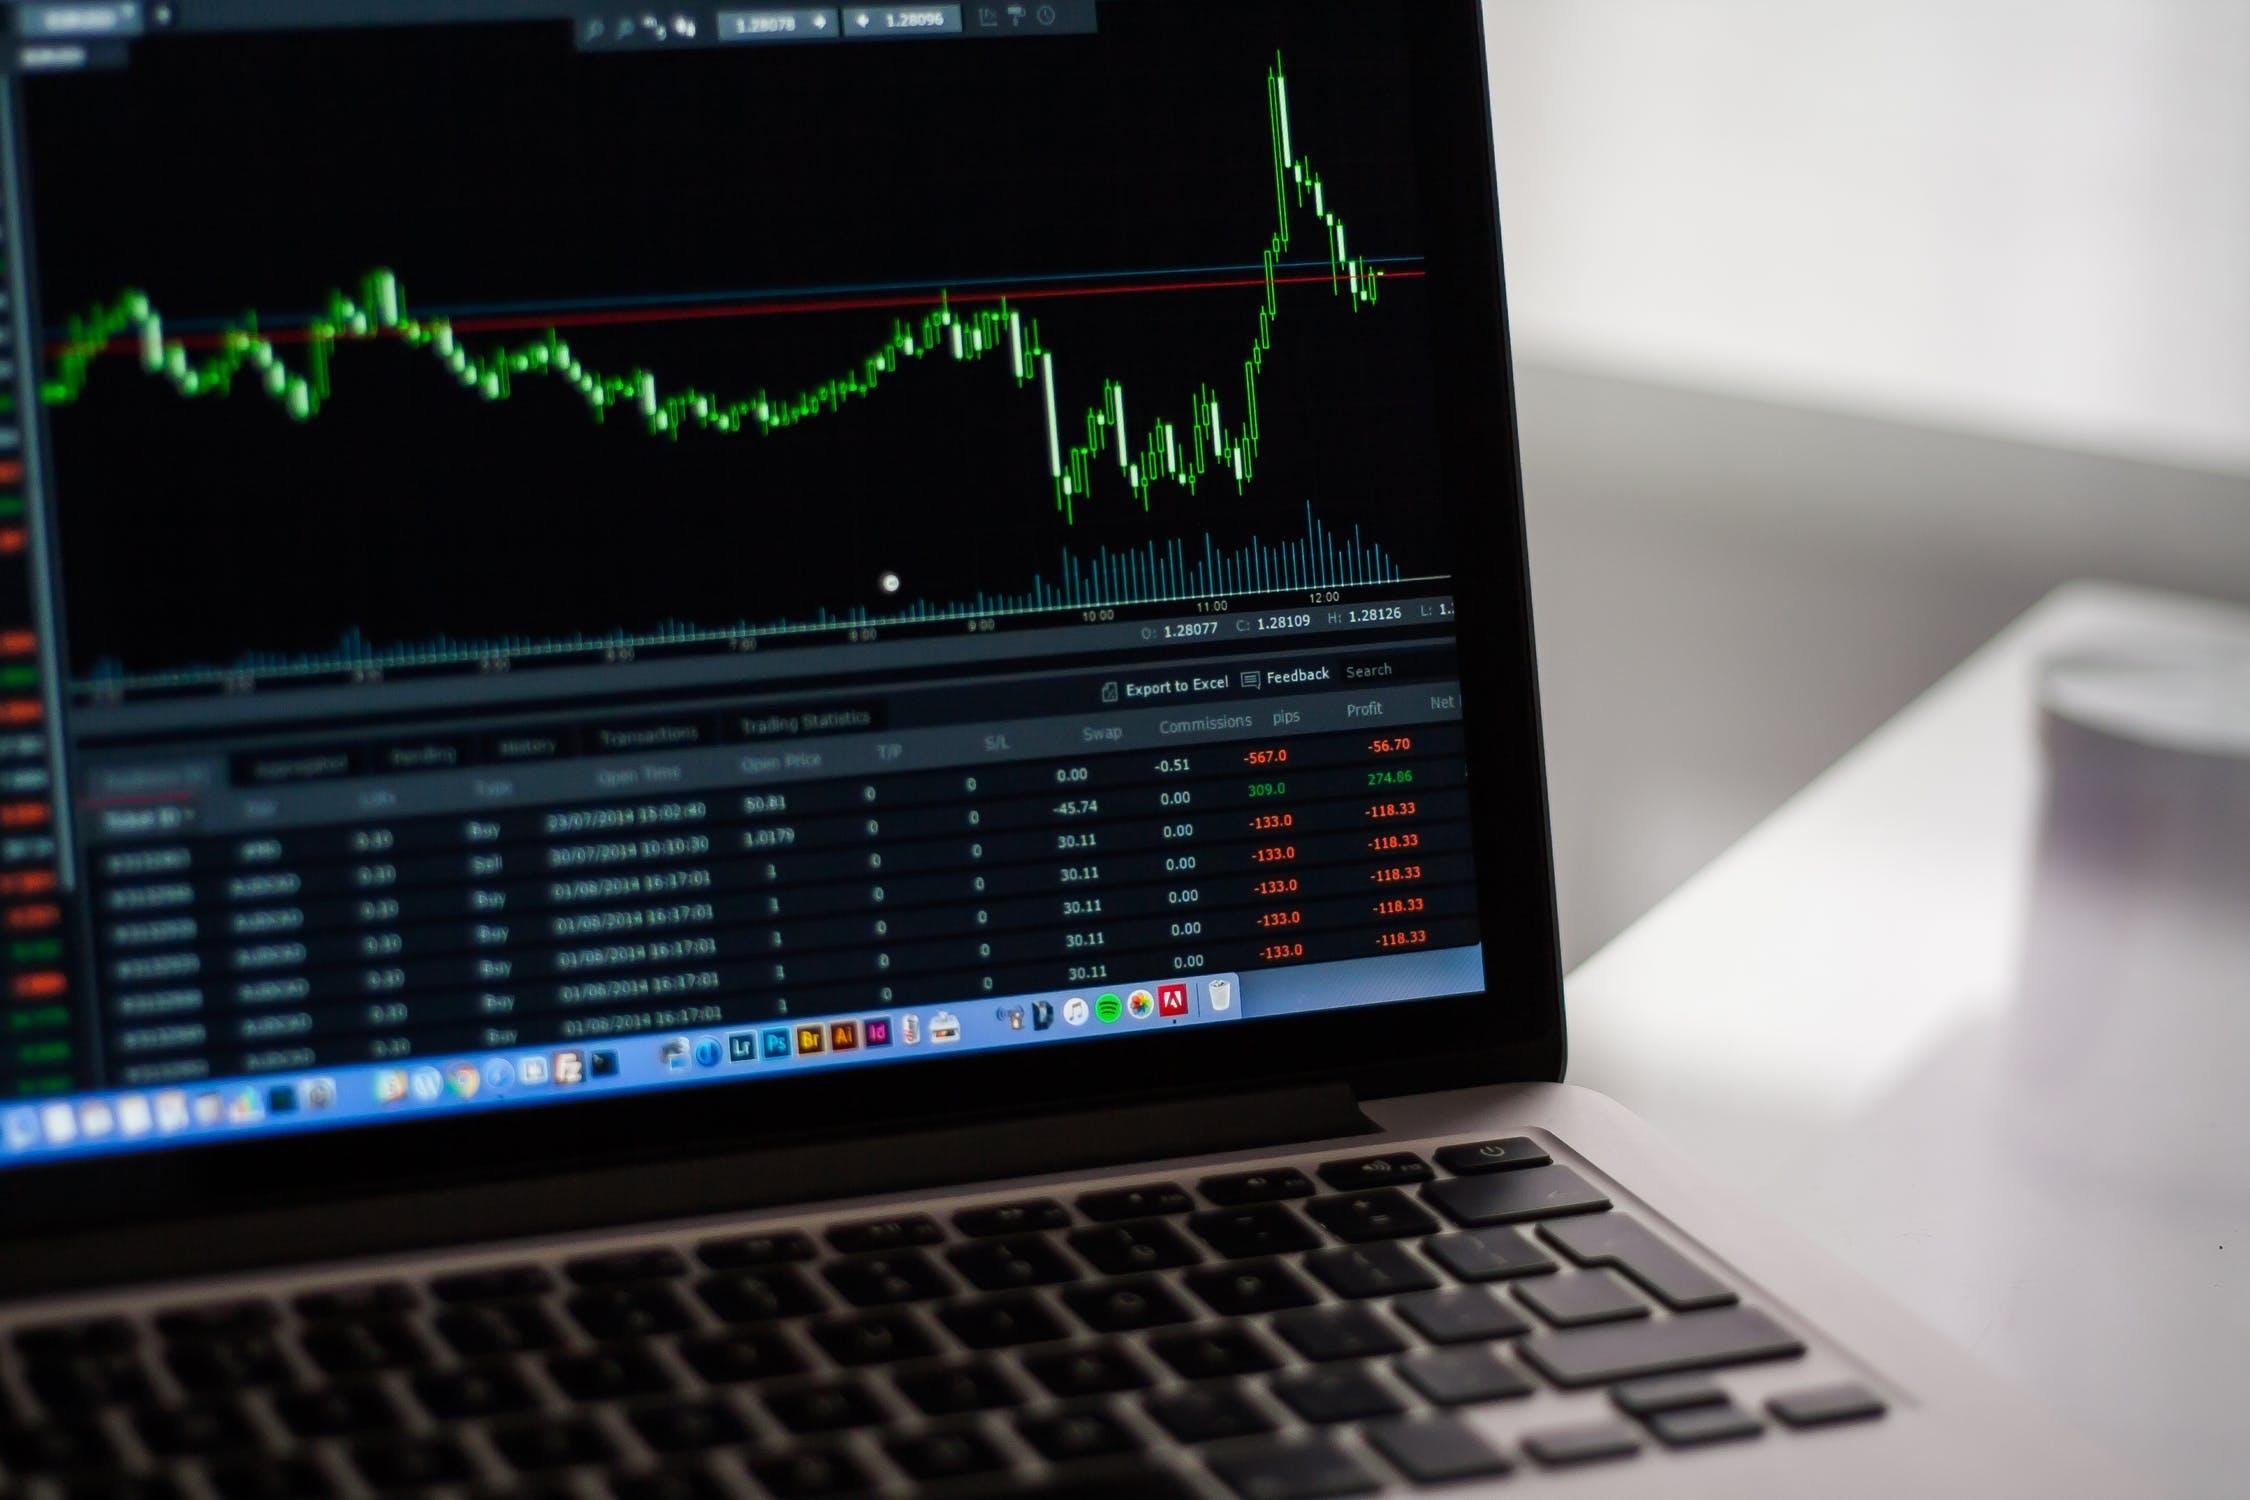 Tygodniowy Przegląd Rynku Obligacji: Inwestorzy powinni uważać na włoskie obligacje skarbowe